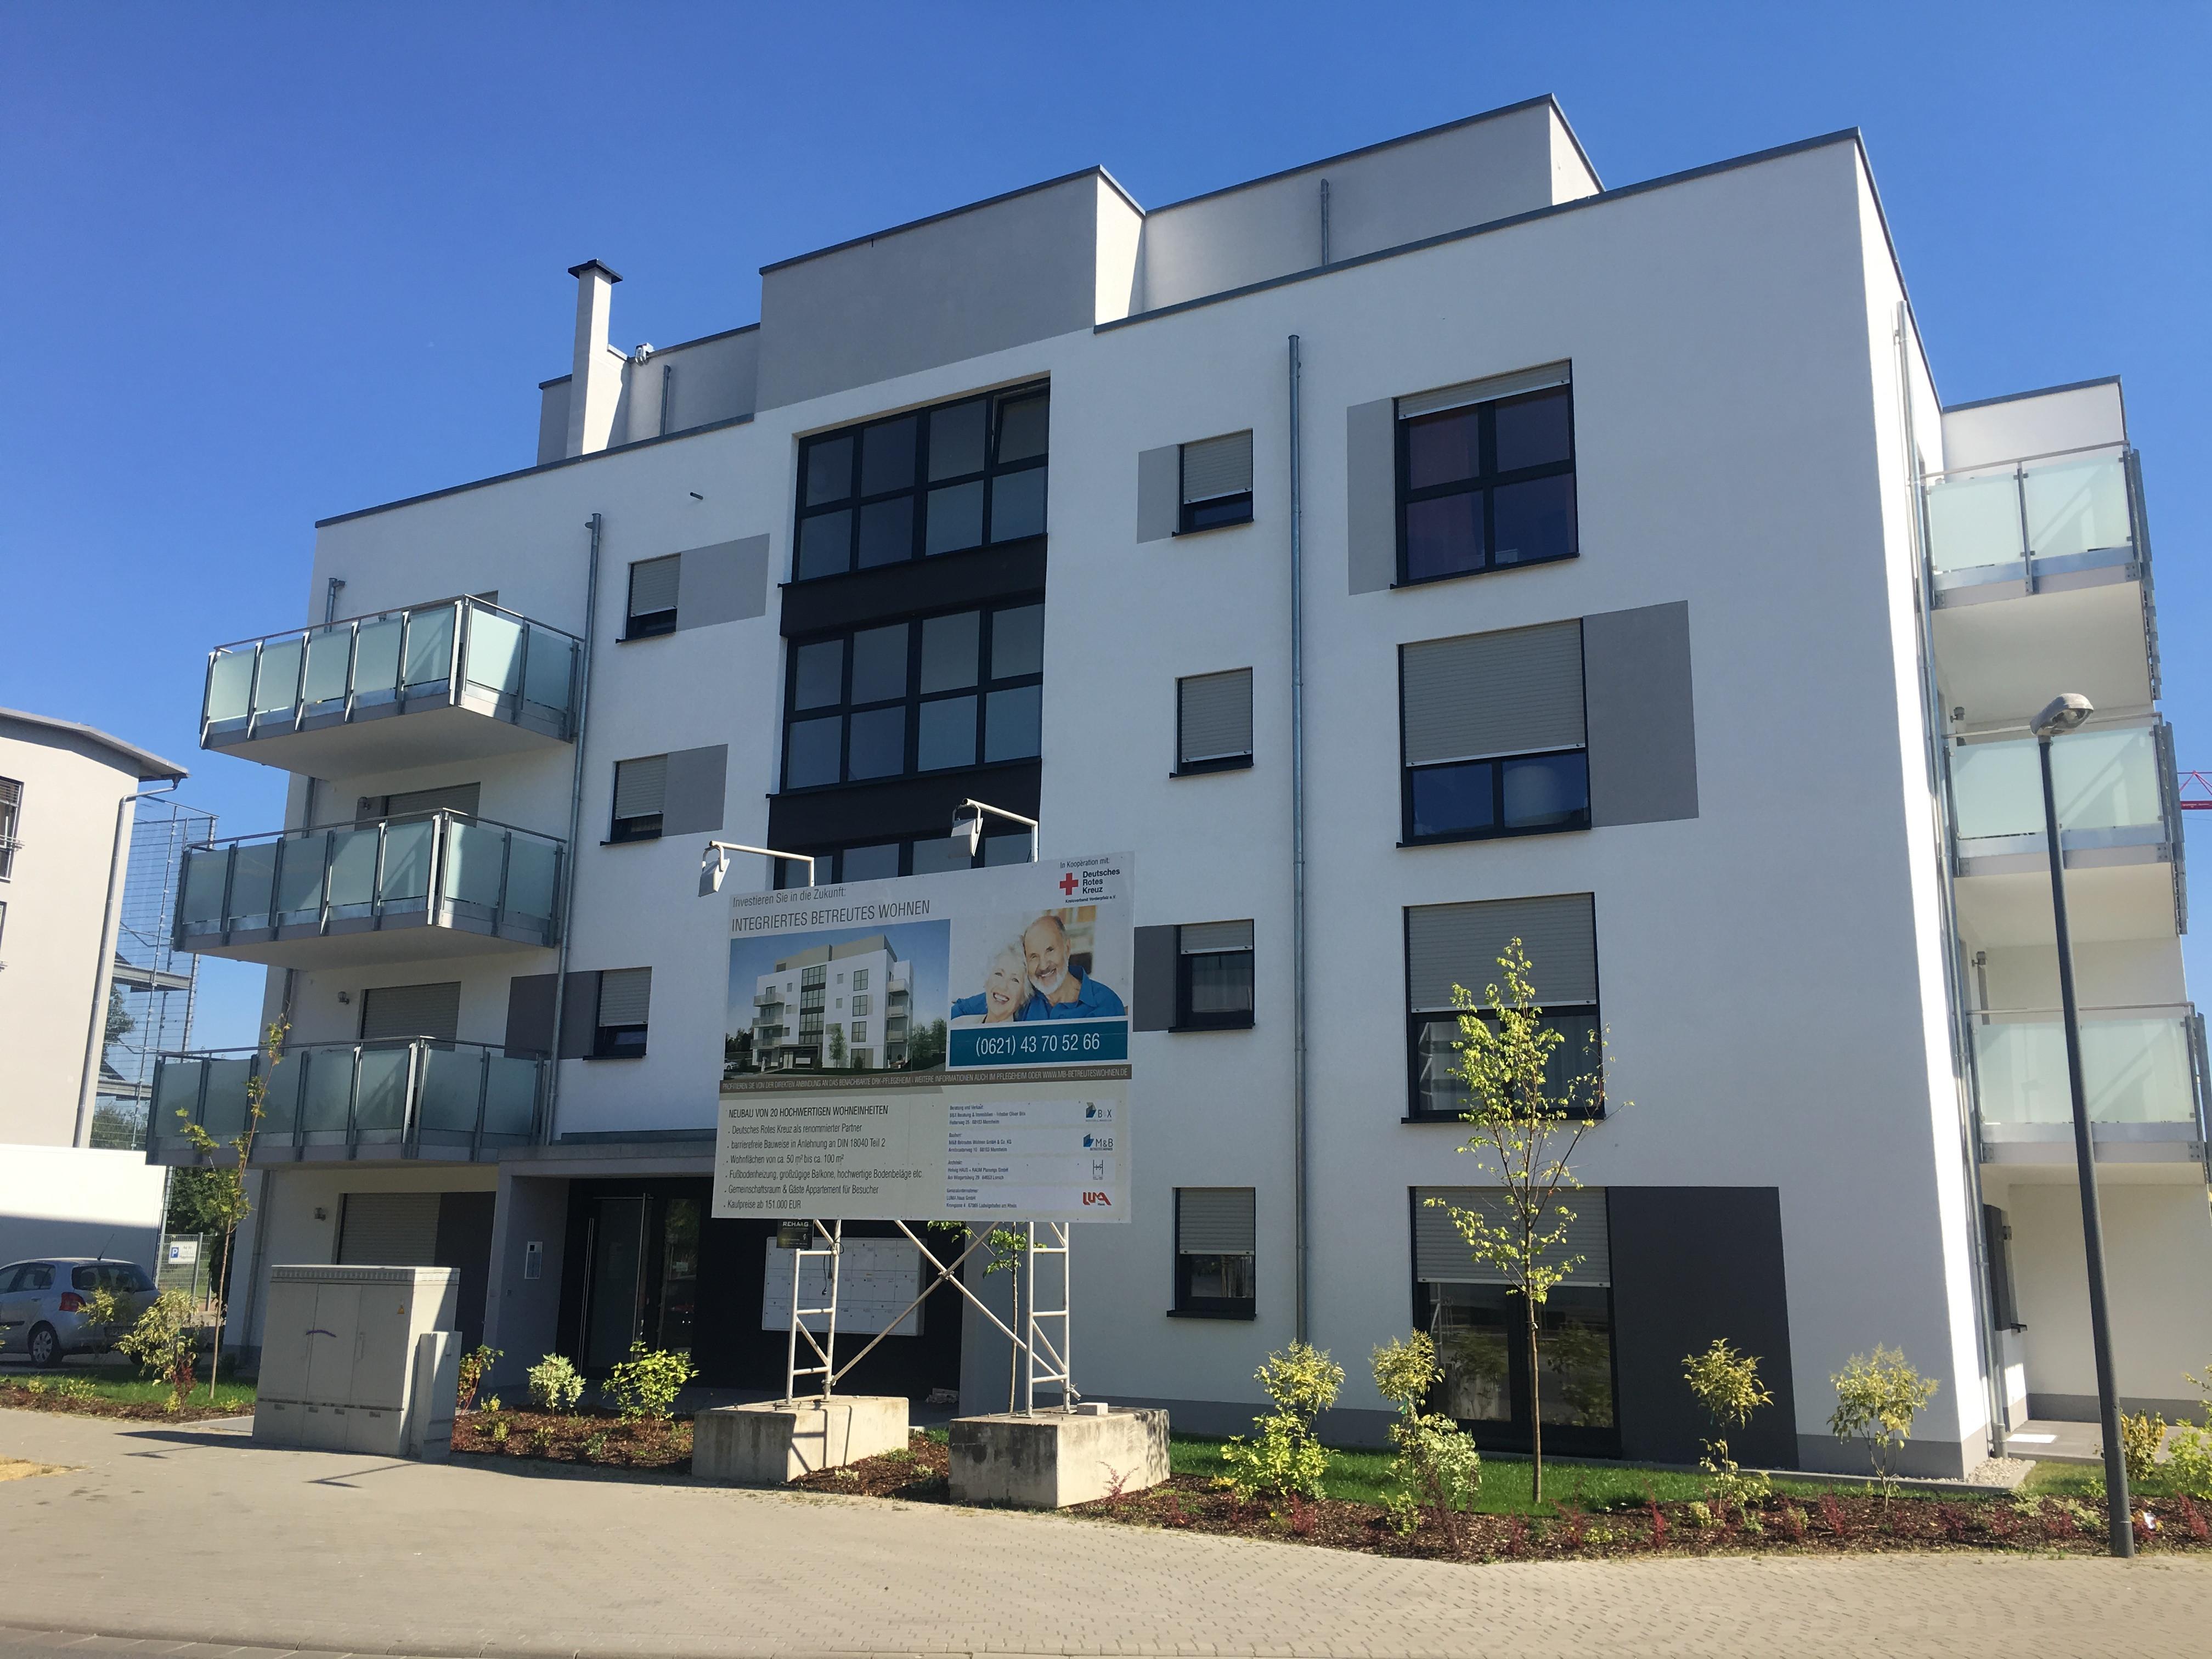 integriertes betreutes wohnen in ludwigshafen am rhein auf wohnen im. Black Bedroom Furniture Sets. Home Design Ideas